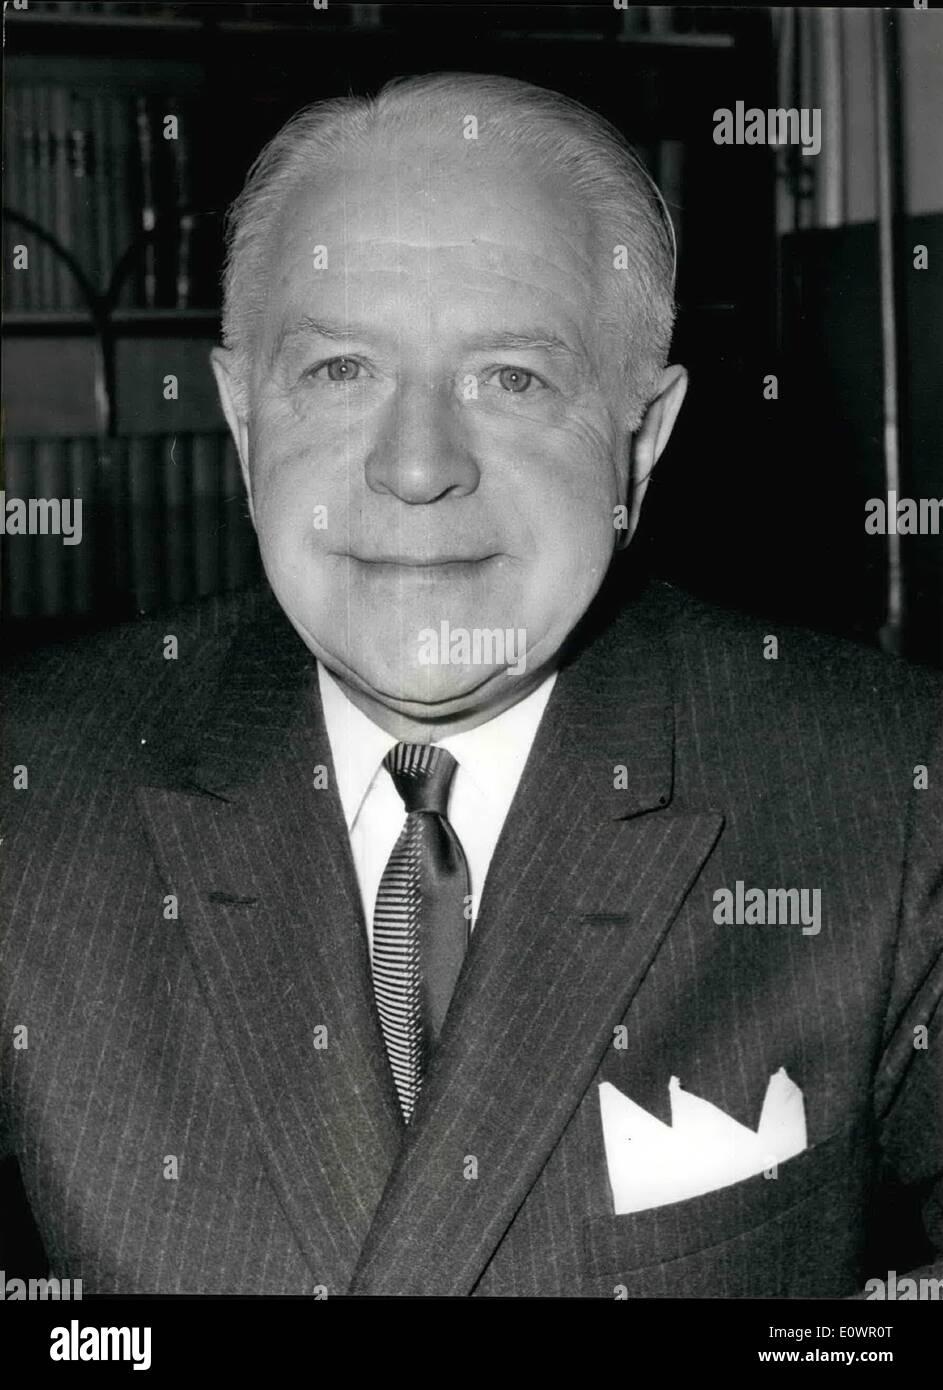 Febbraio 02, 1964 - Nuovo Alto Commissario per il Canada.: gli onorevoli Lionel Chevrier, il nuovo Alto Commissario per il Canada è venuto a Londra per prendere il suo appuntamento , e qui viene visto nel suo ufficio a casa in Canada. Immagini Stock